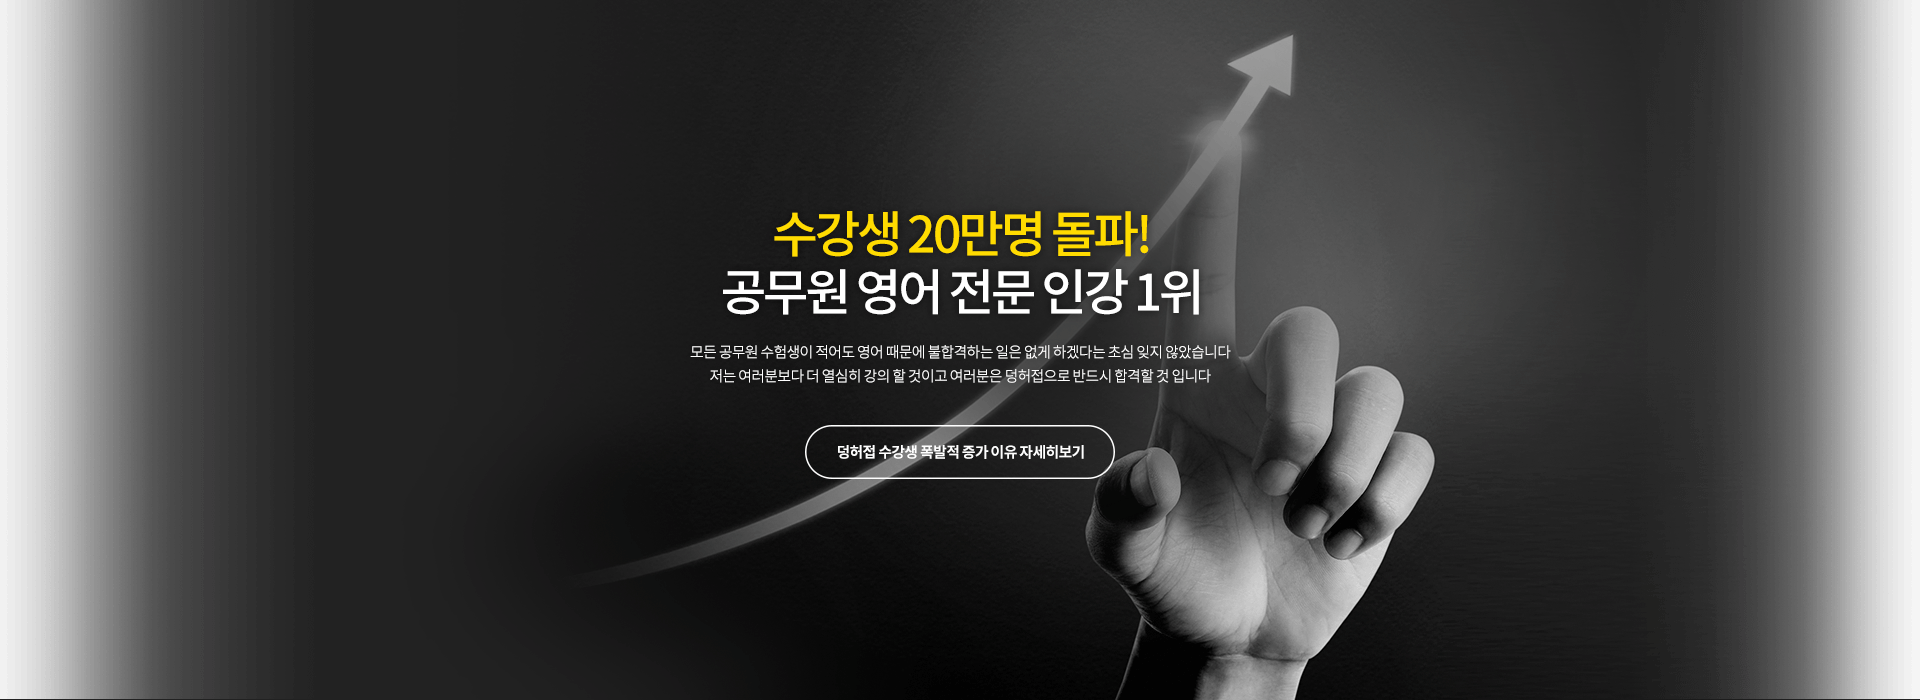 3_수강생 20만명 돌파